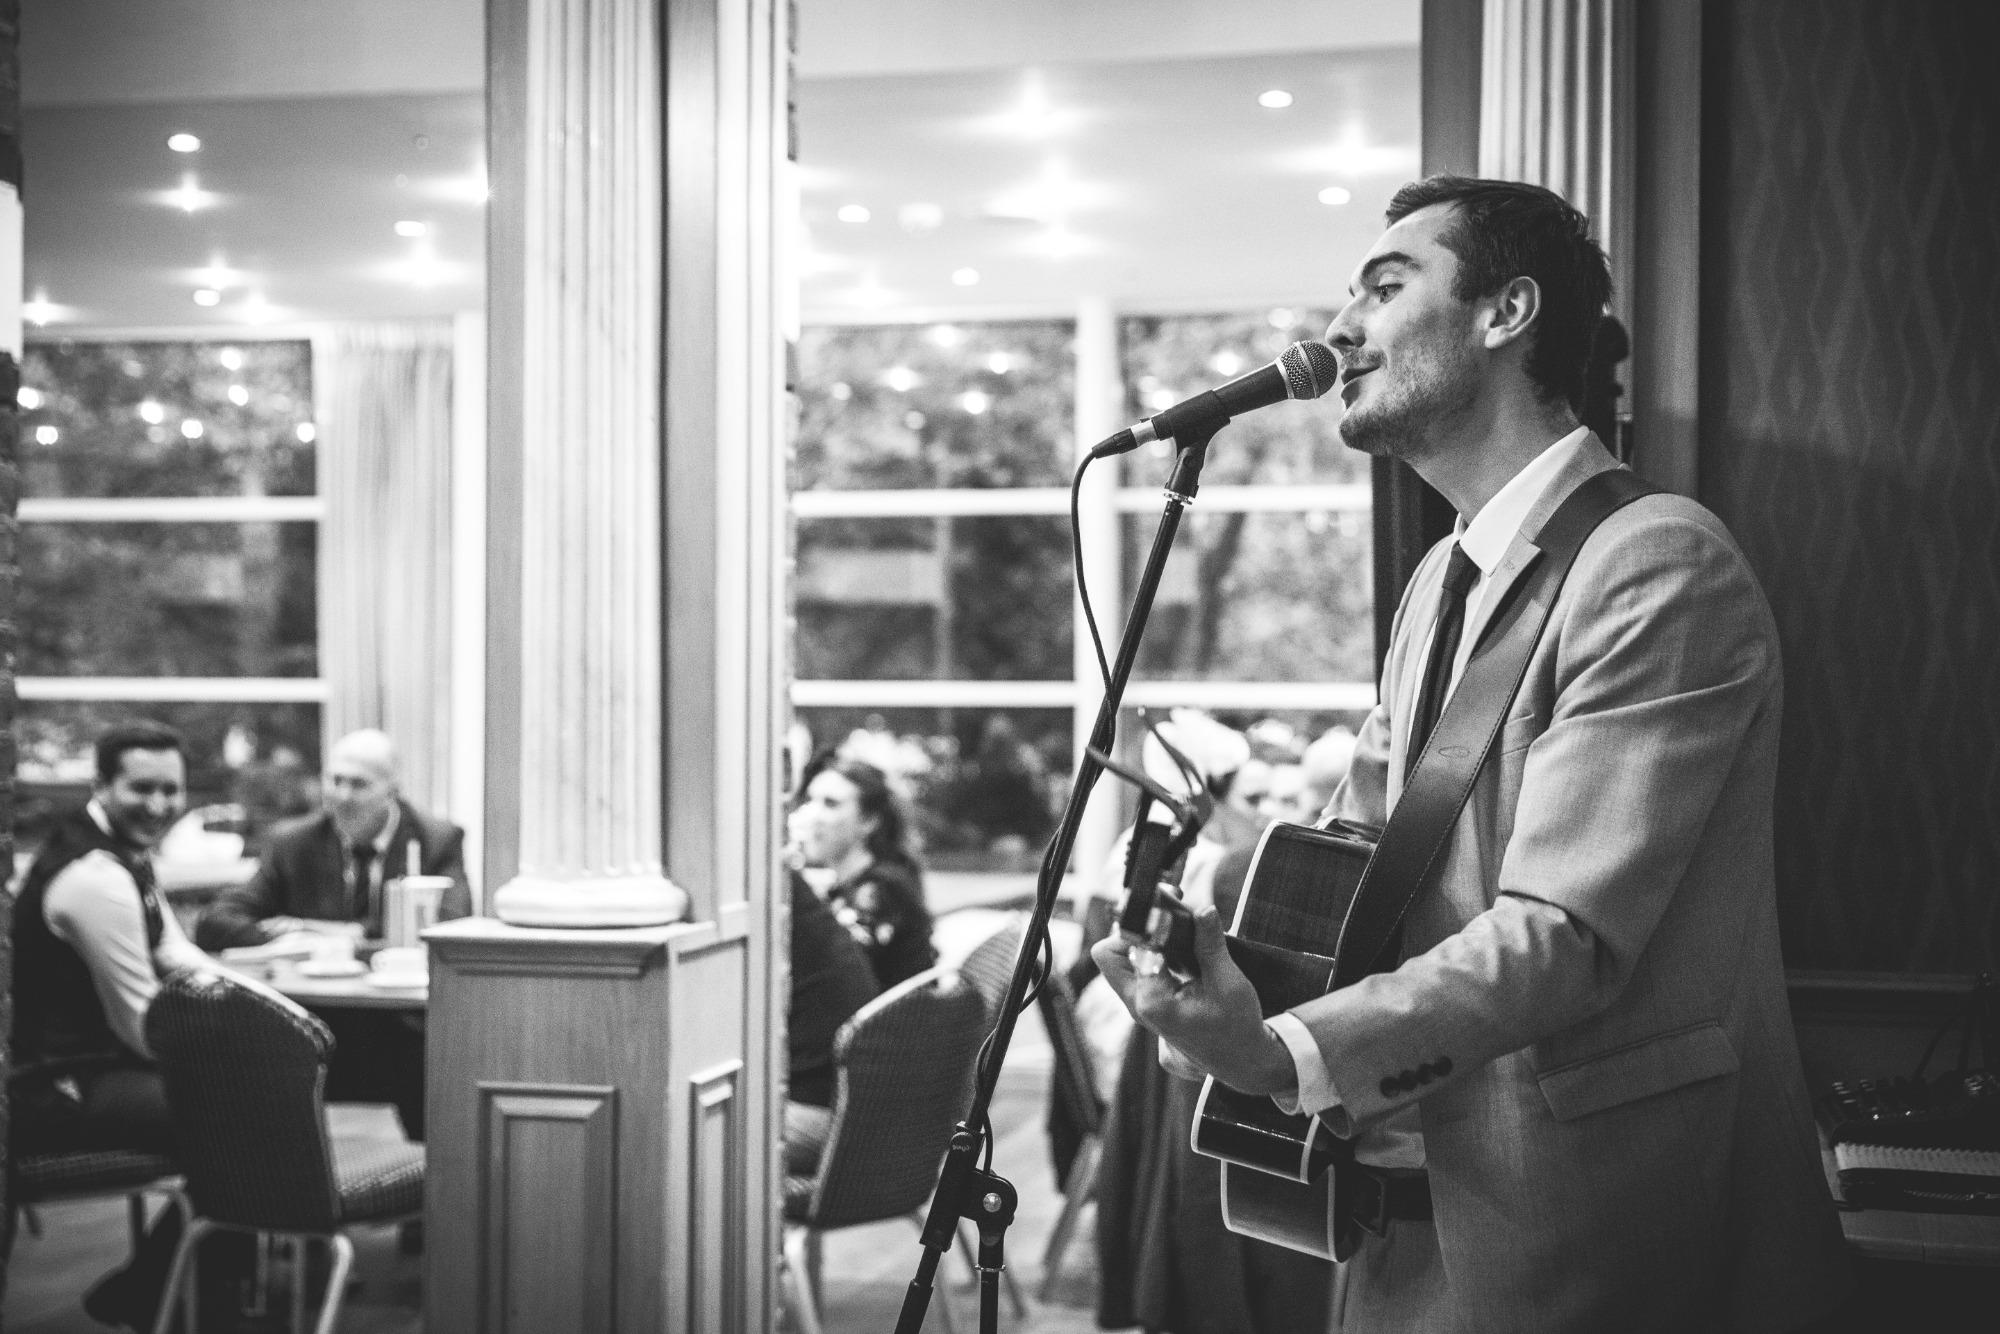 Promo Liam Paul Singer Guitarist Lancashire